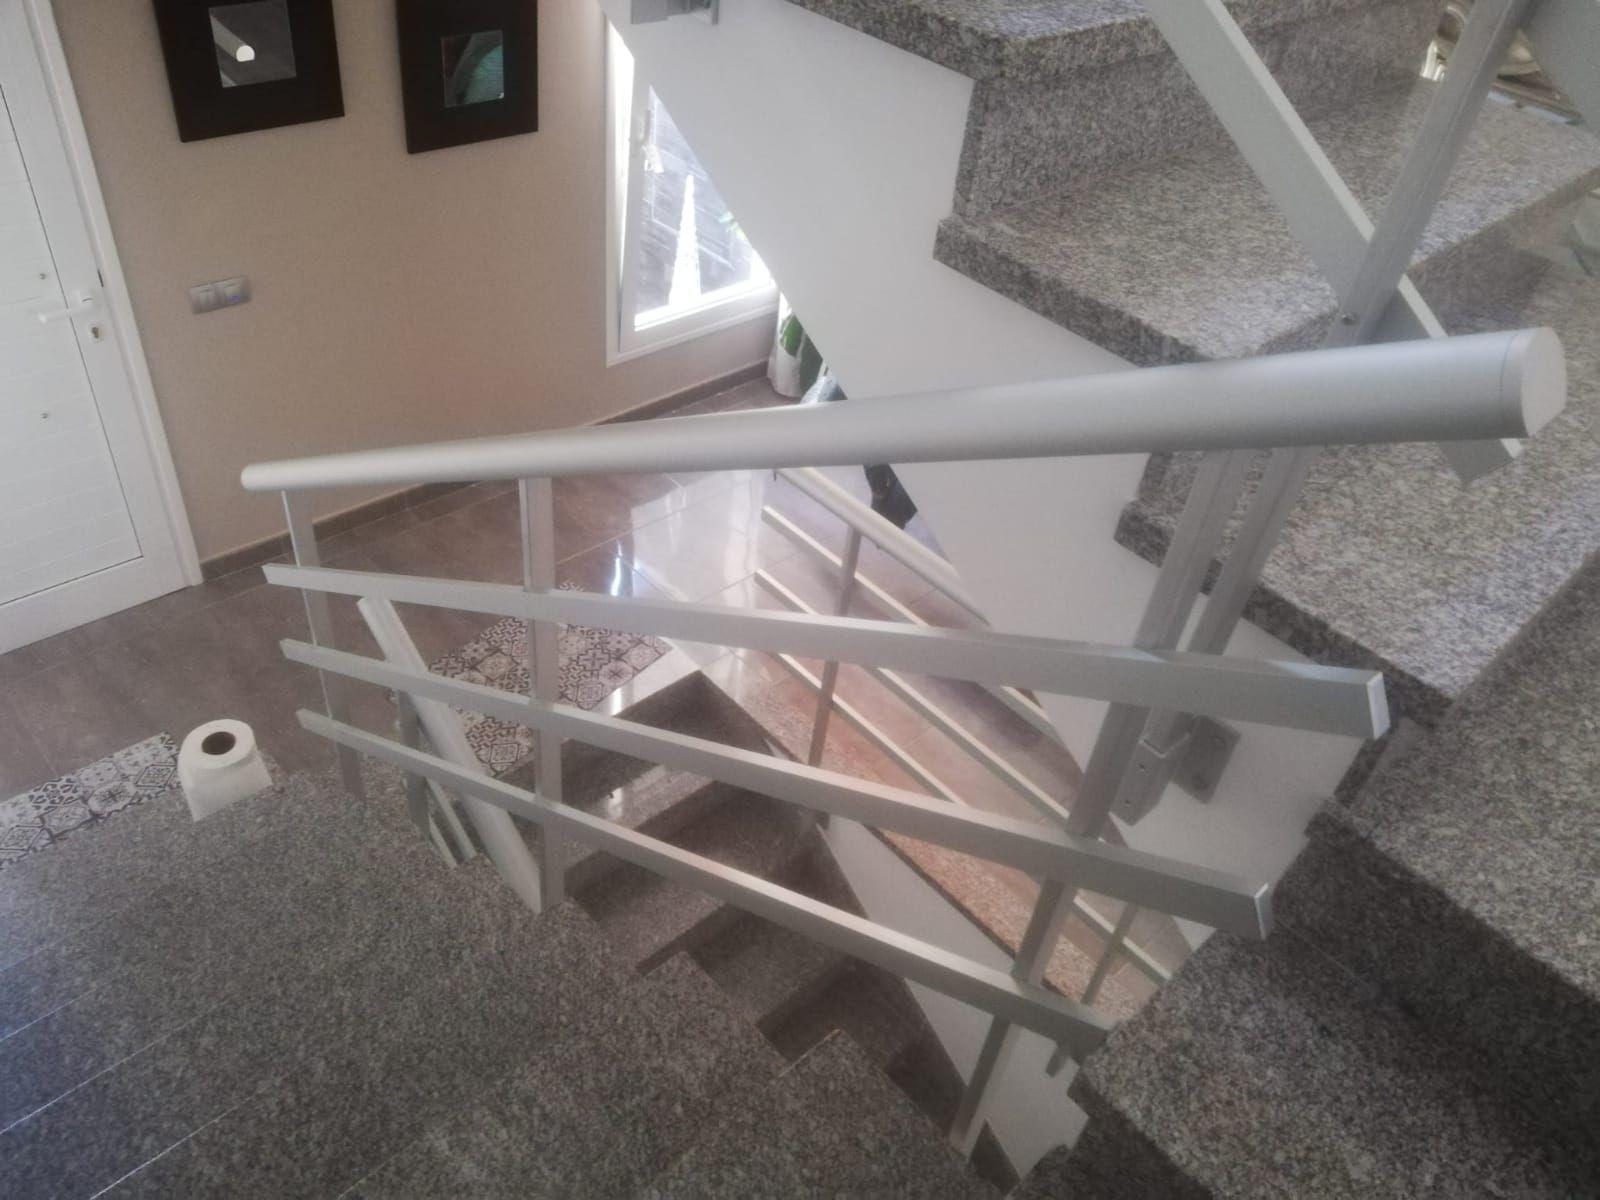 Foto 45 de Carpintería de aluminio, metálica y PVC en La Matanza | Namiju Aluminios